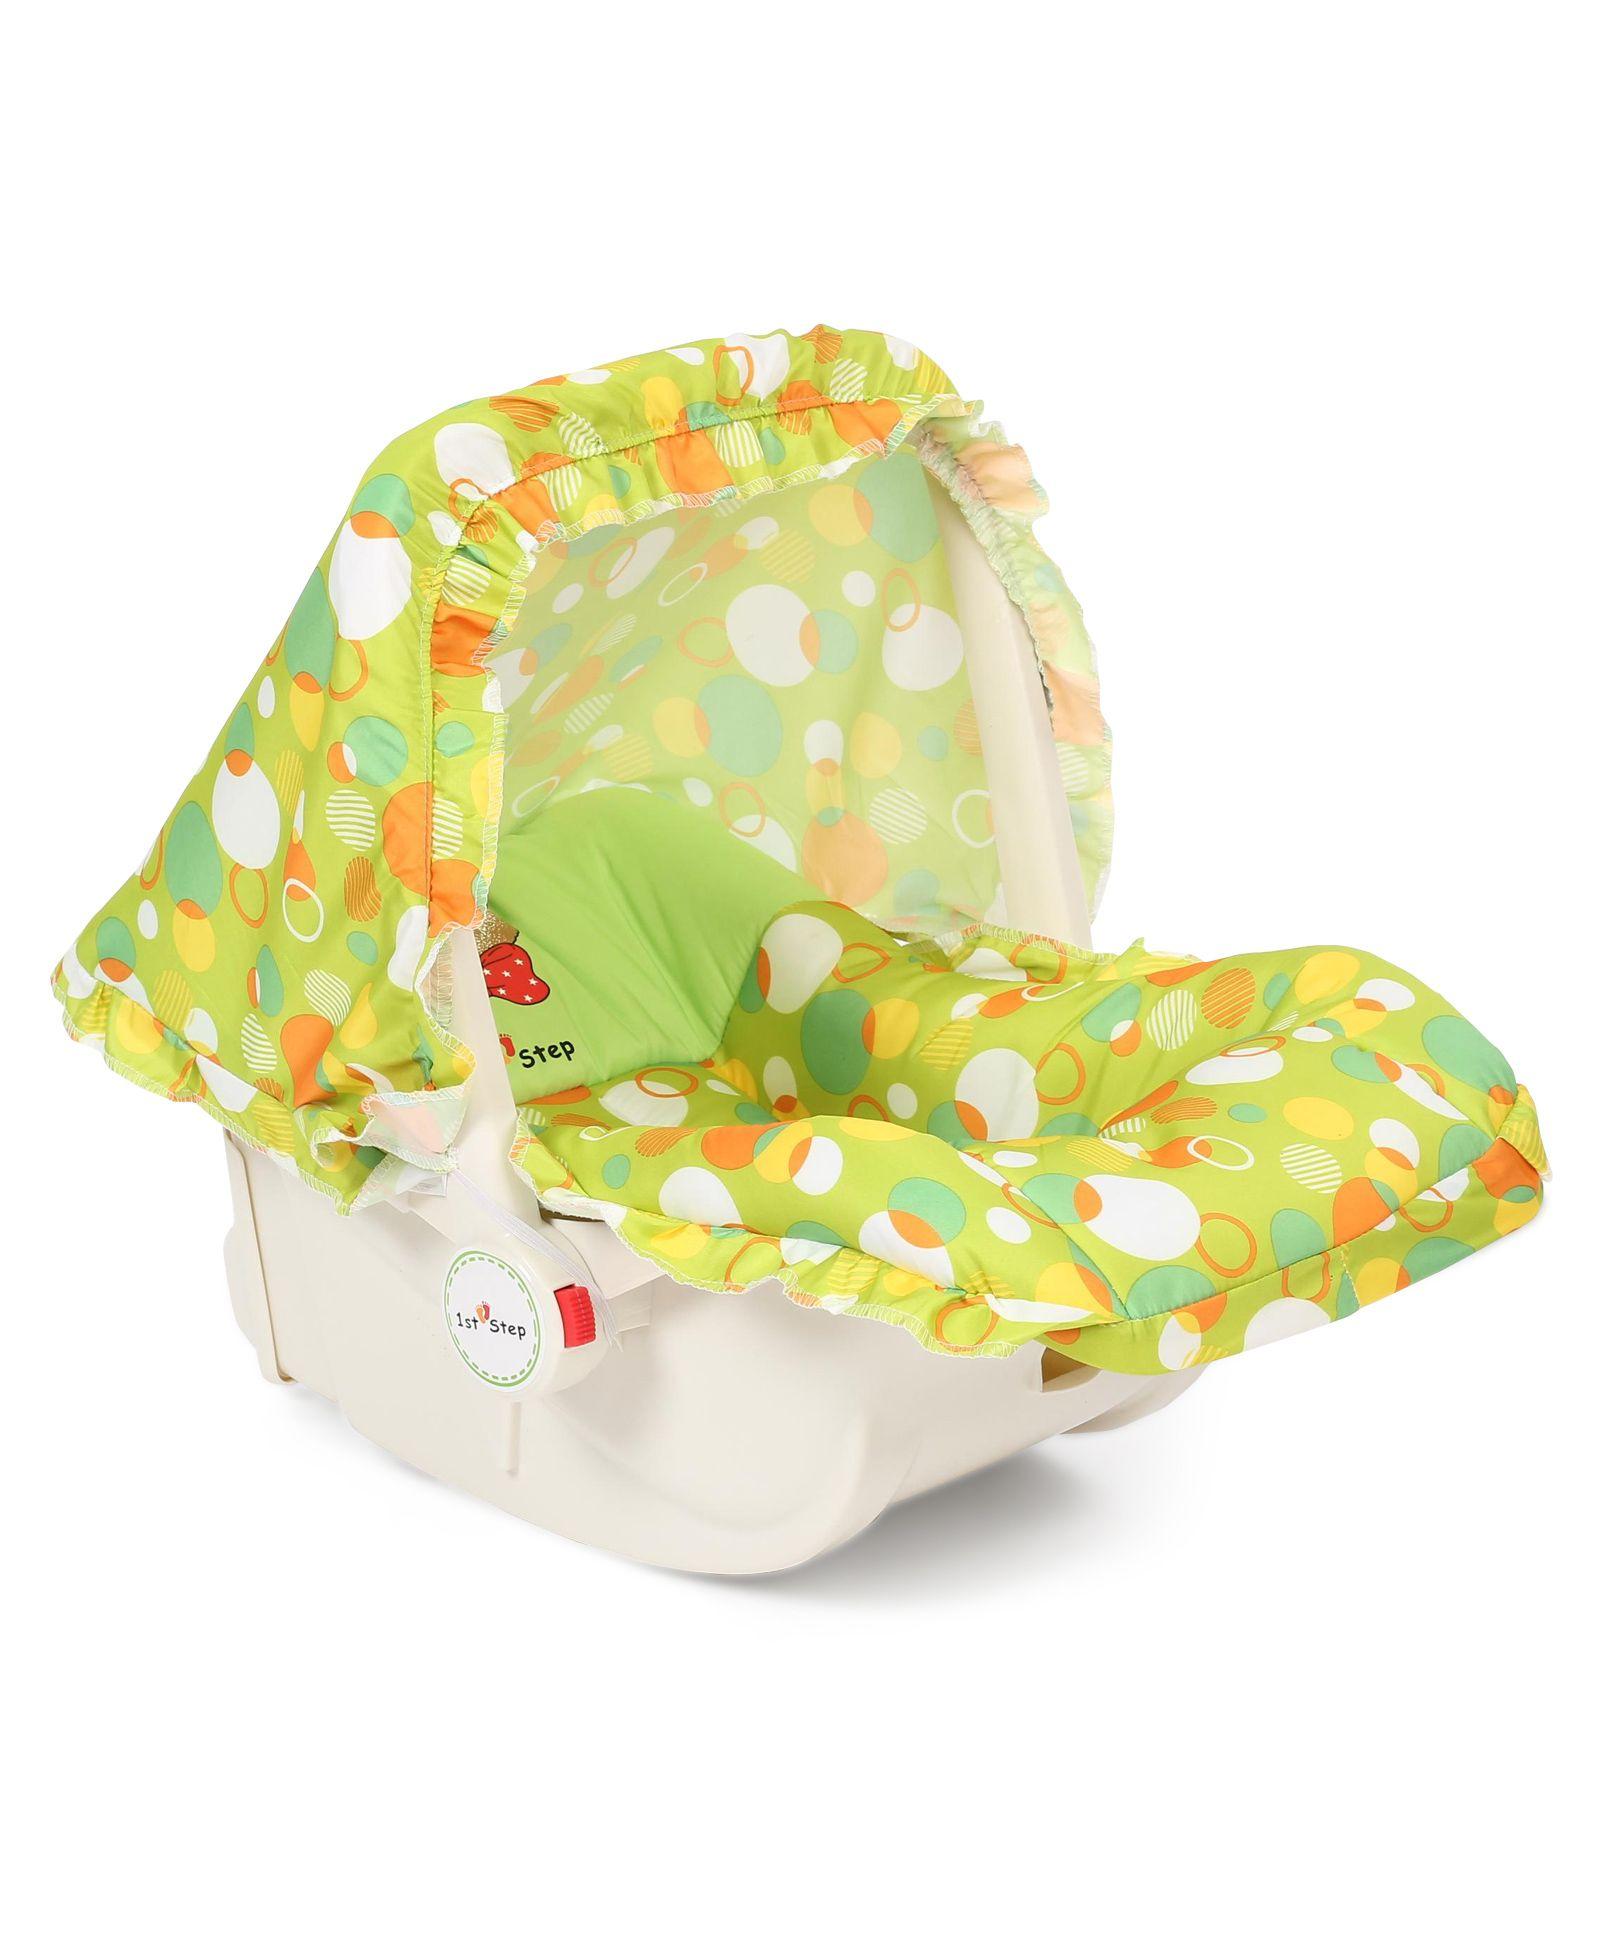 1st Step Baby Carry Cot Cum Rocker - Green